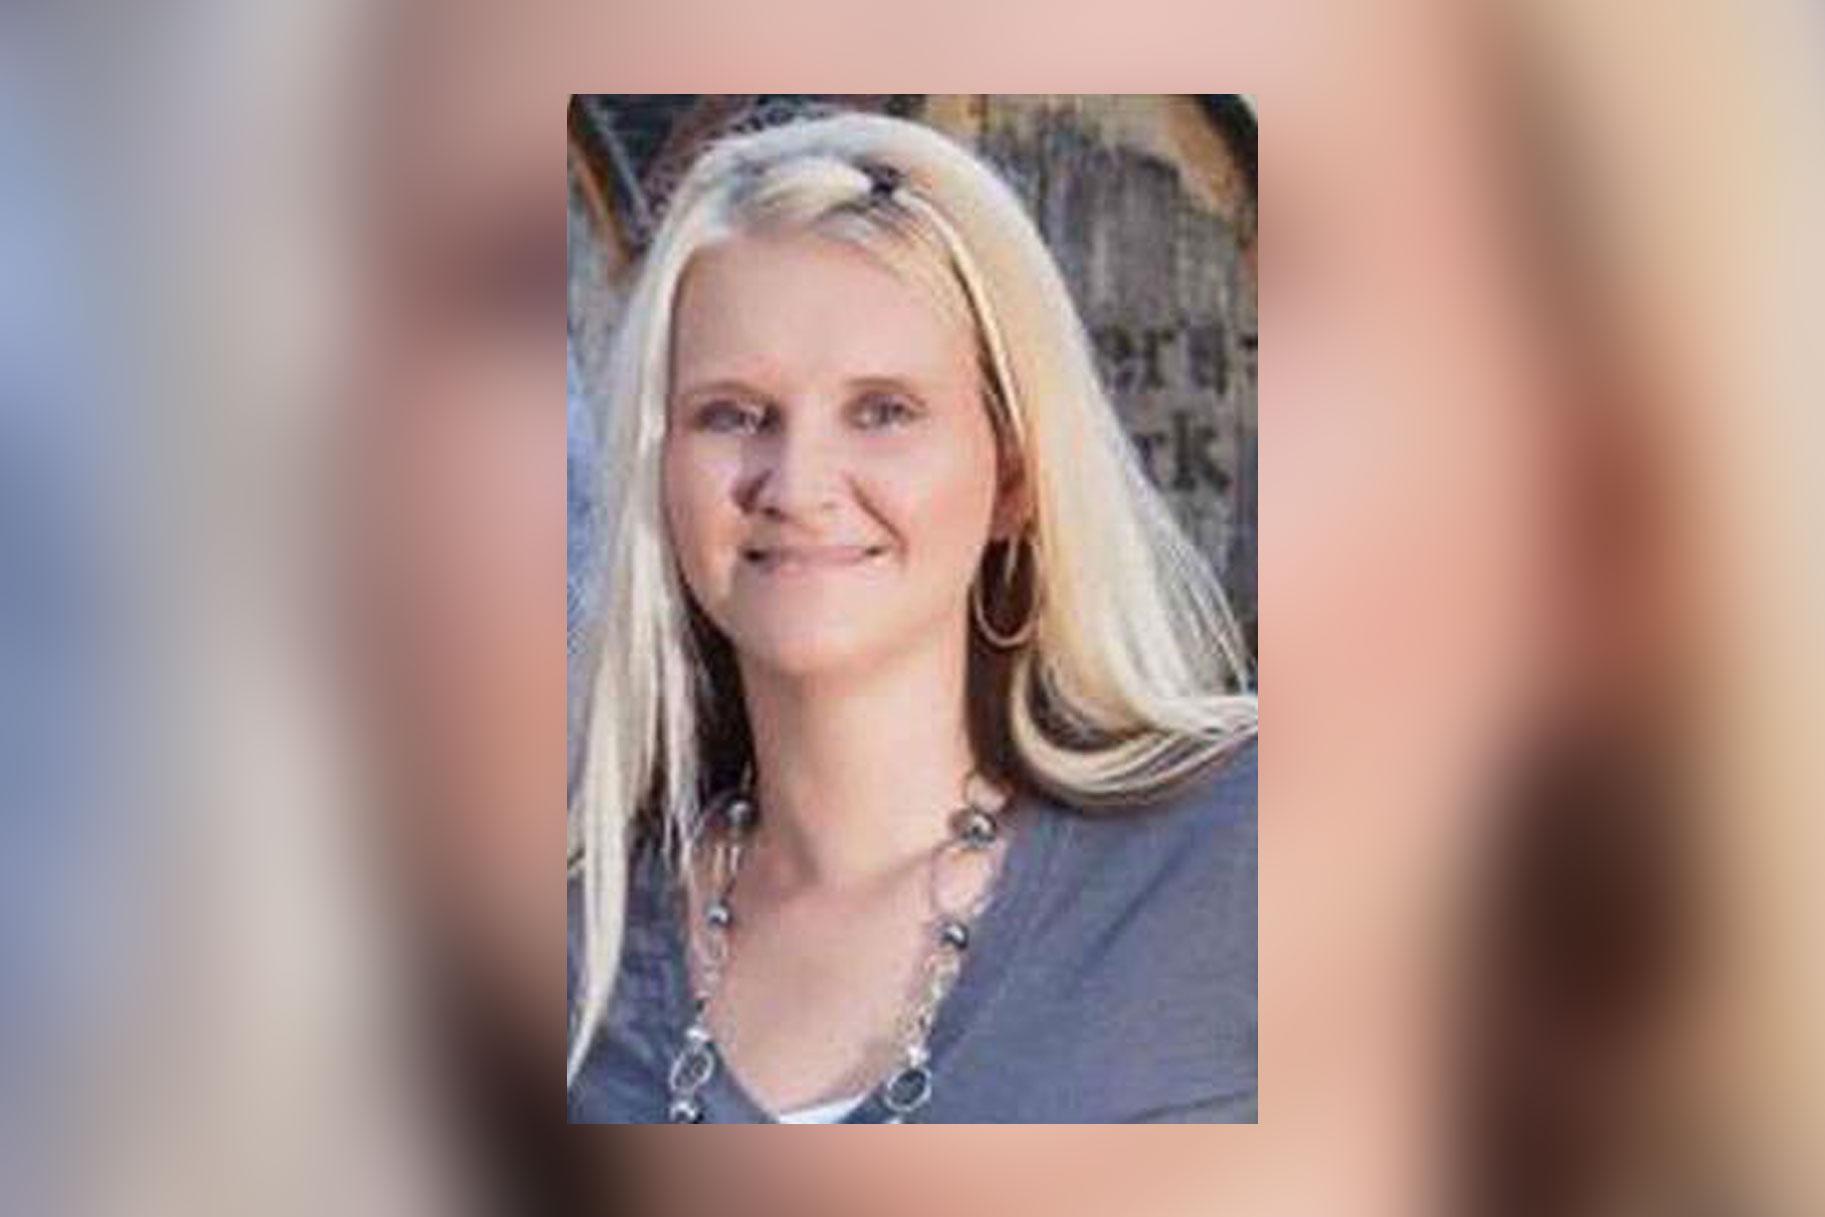 Inimene arvab, et võib-olla jääb kadunuks ema Crystal Rogers pole tema, järeldab FBI